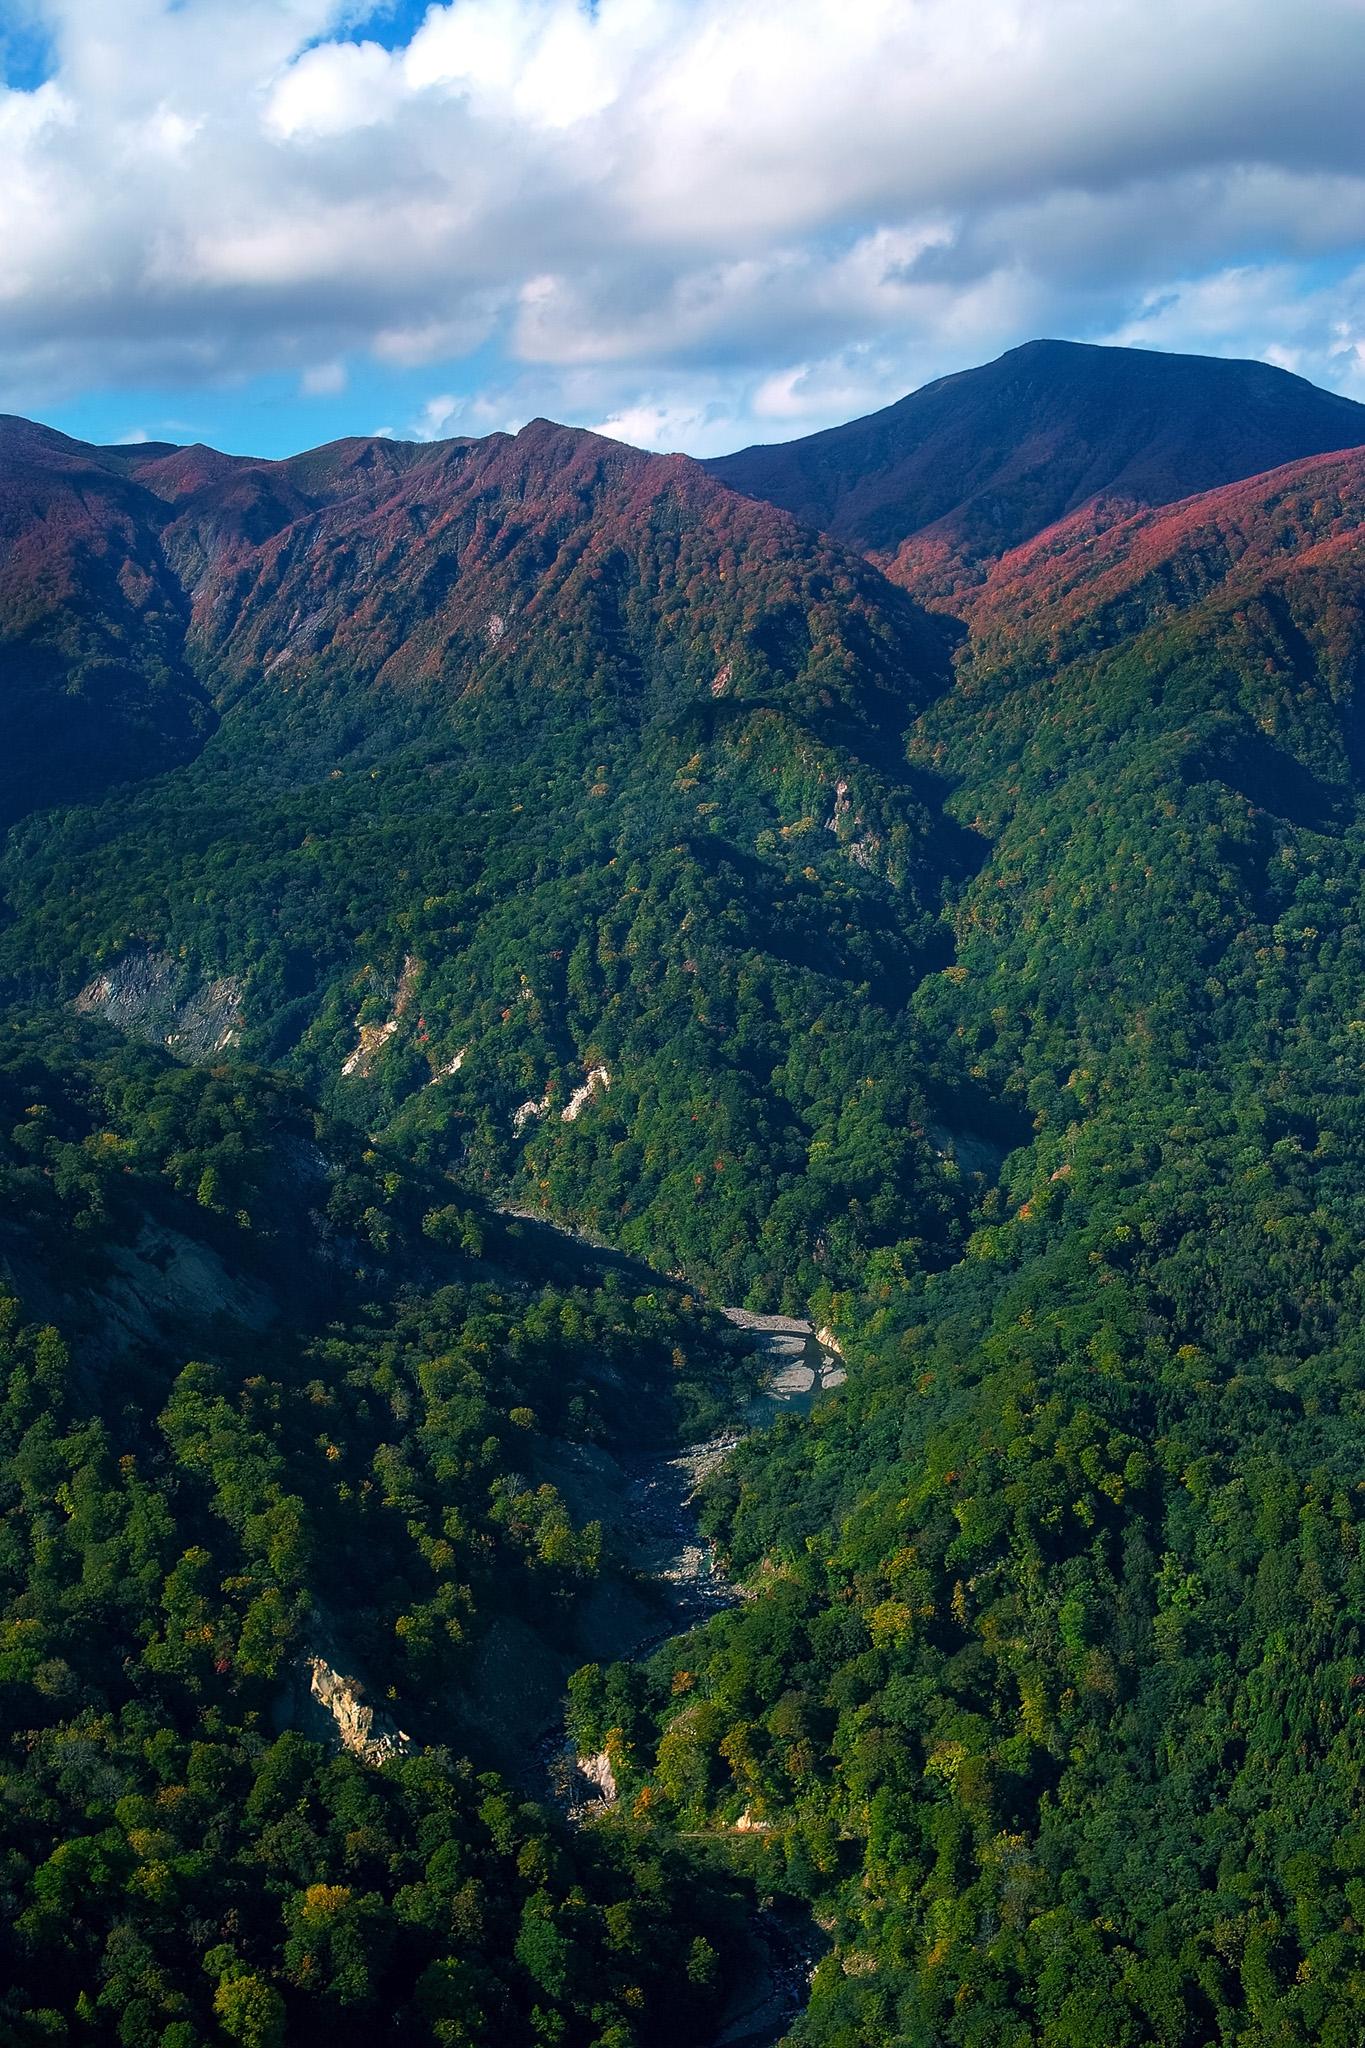 「赤い山頂と緑の麓を流れる渓谷」